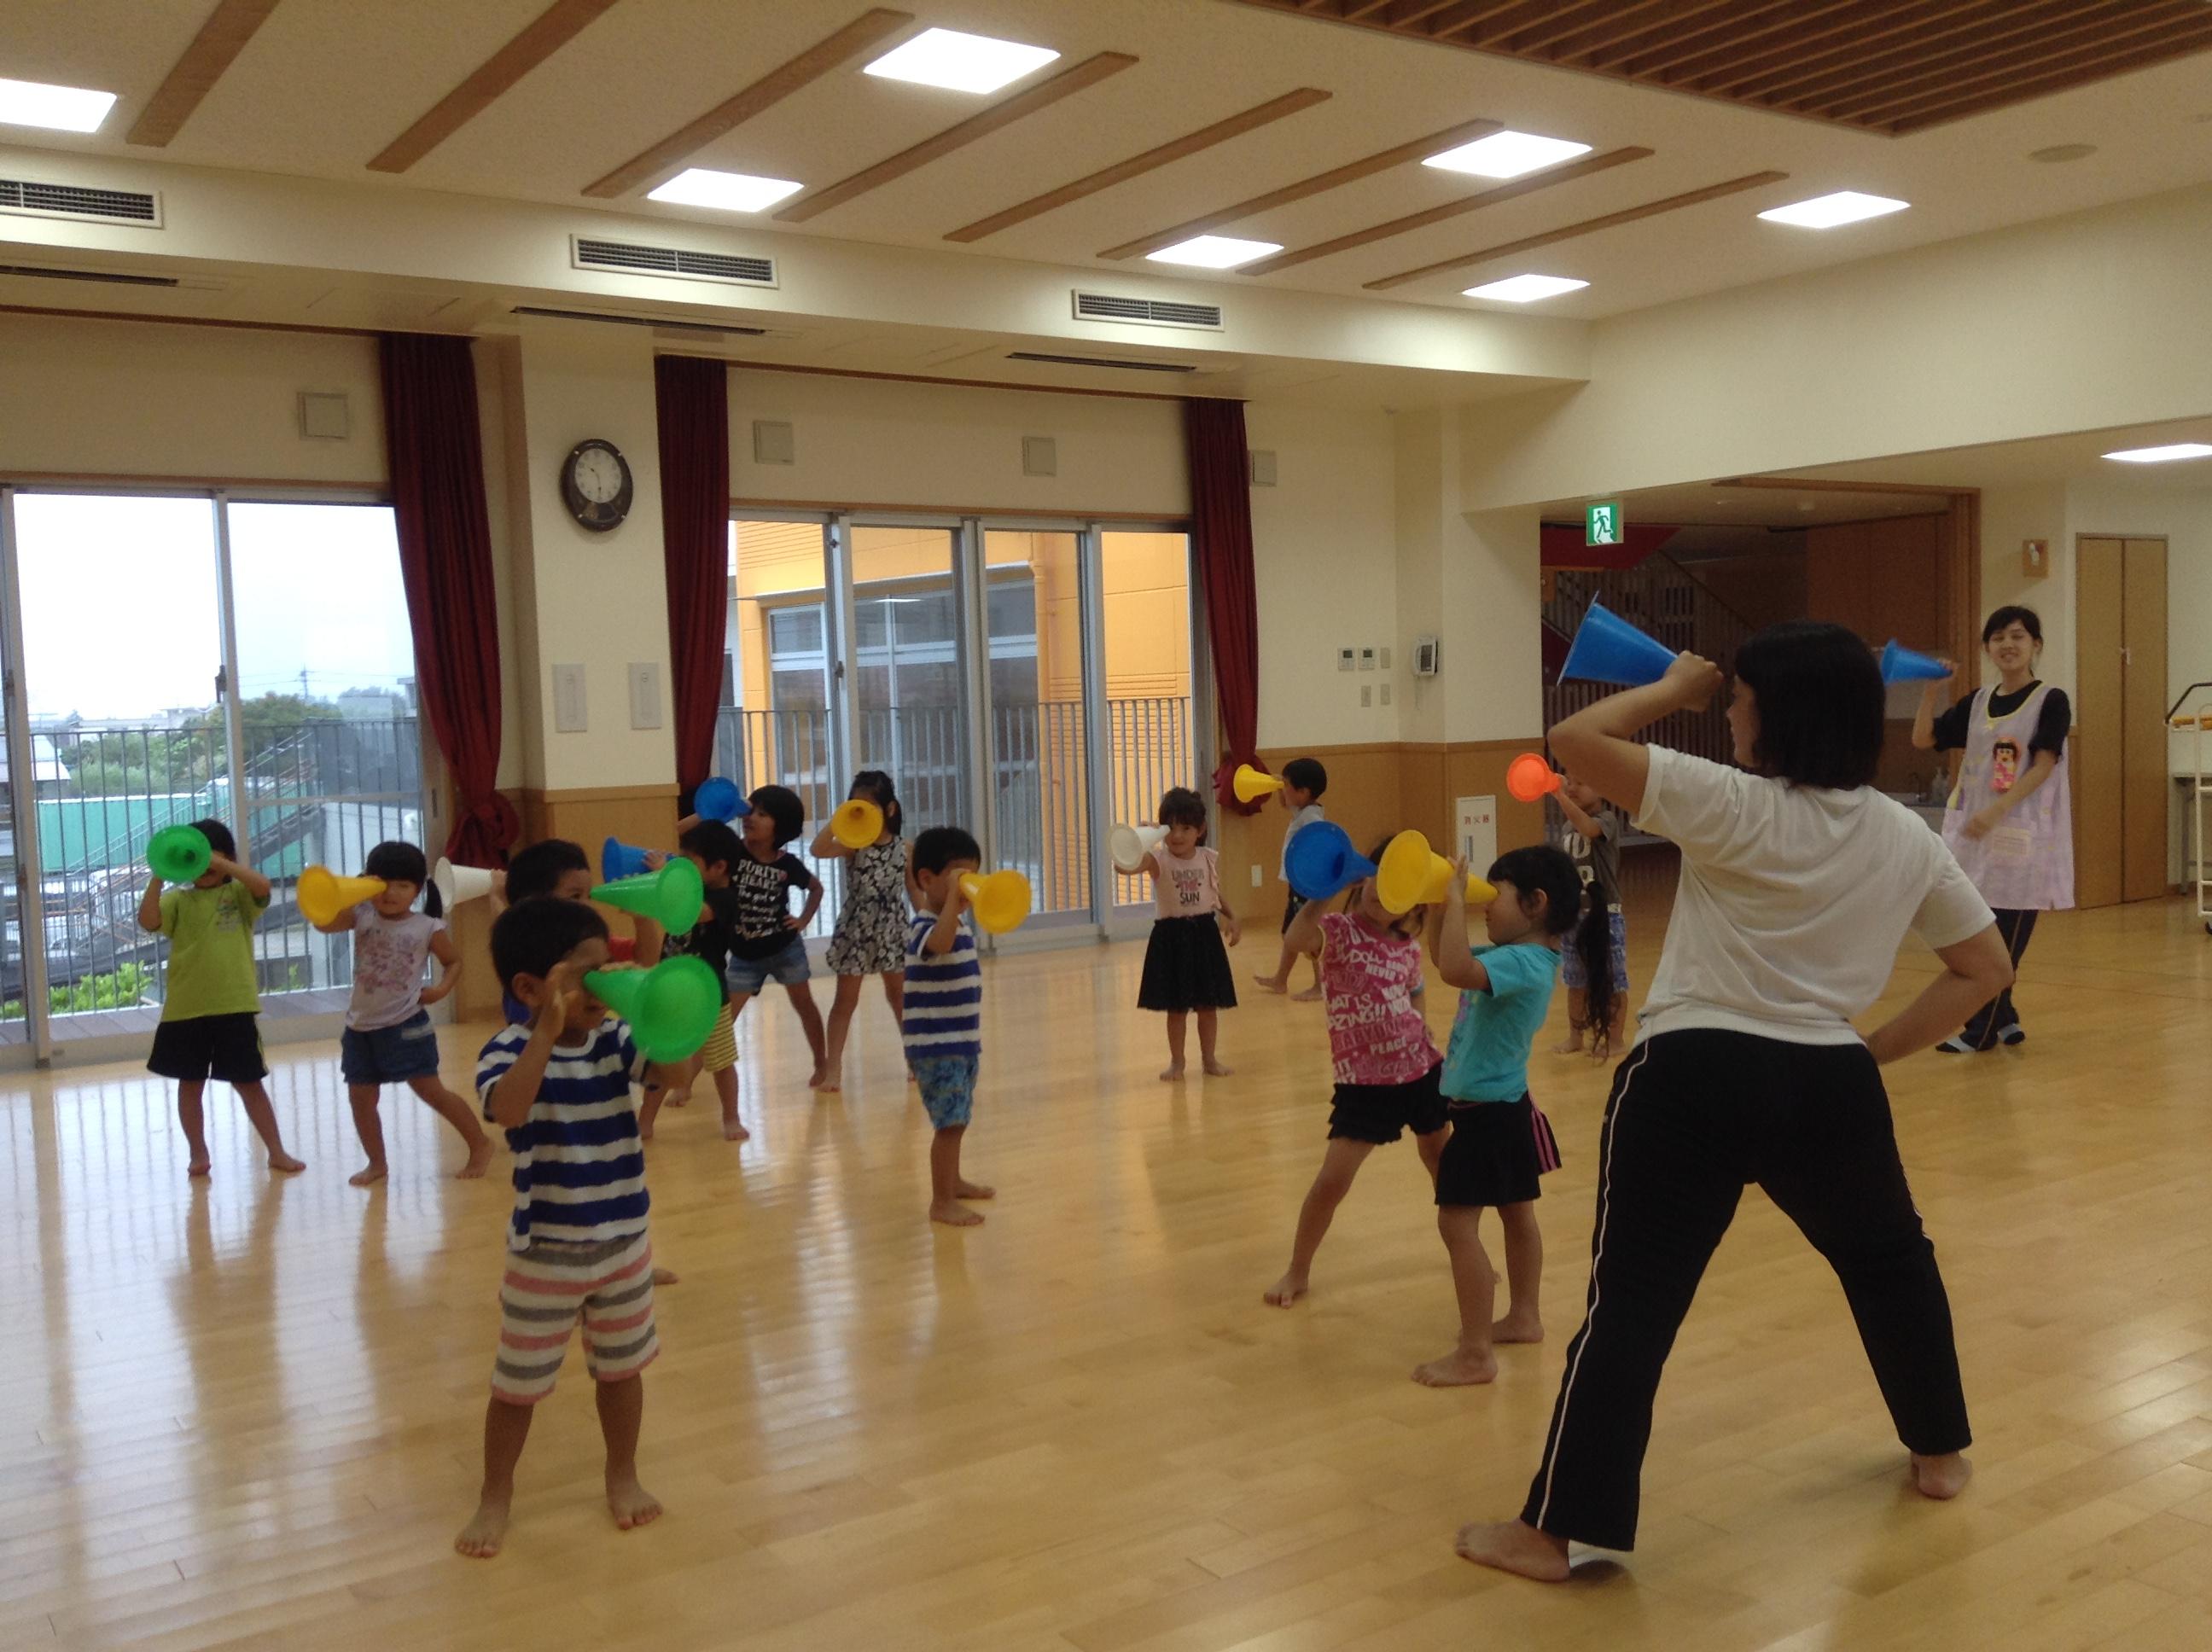 クラス競技では、「ひょっこりひょうたん島」の曲に合わせてダンスを踊り、競技に入ります(●^o^●)子ども達のノリノリ姿に注目です💖